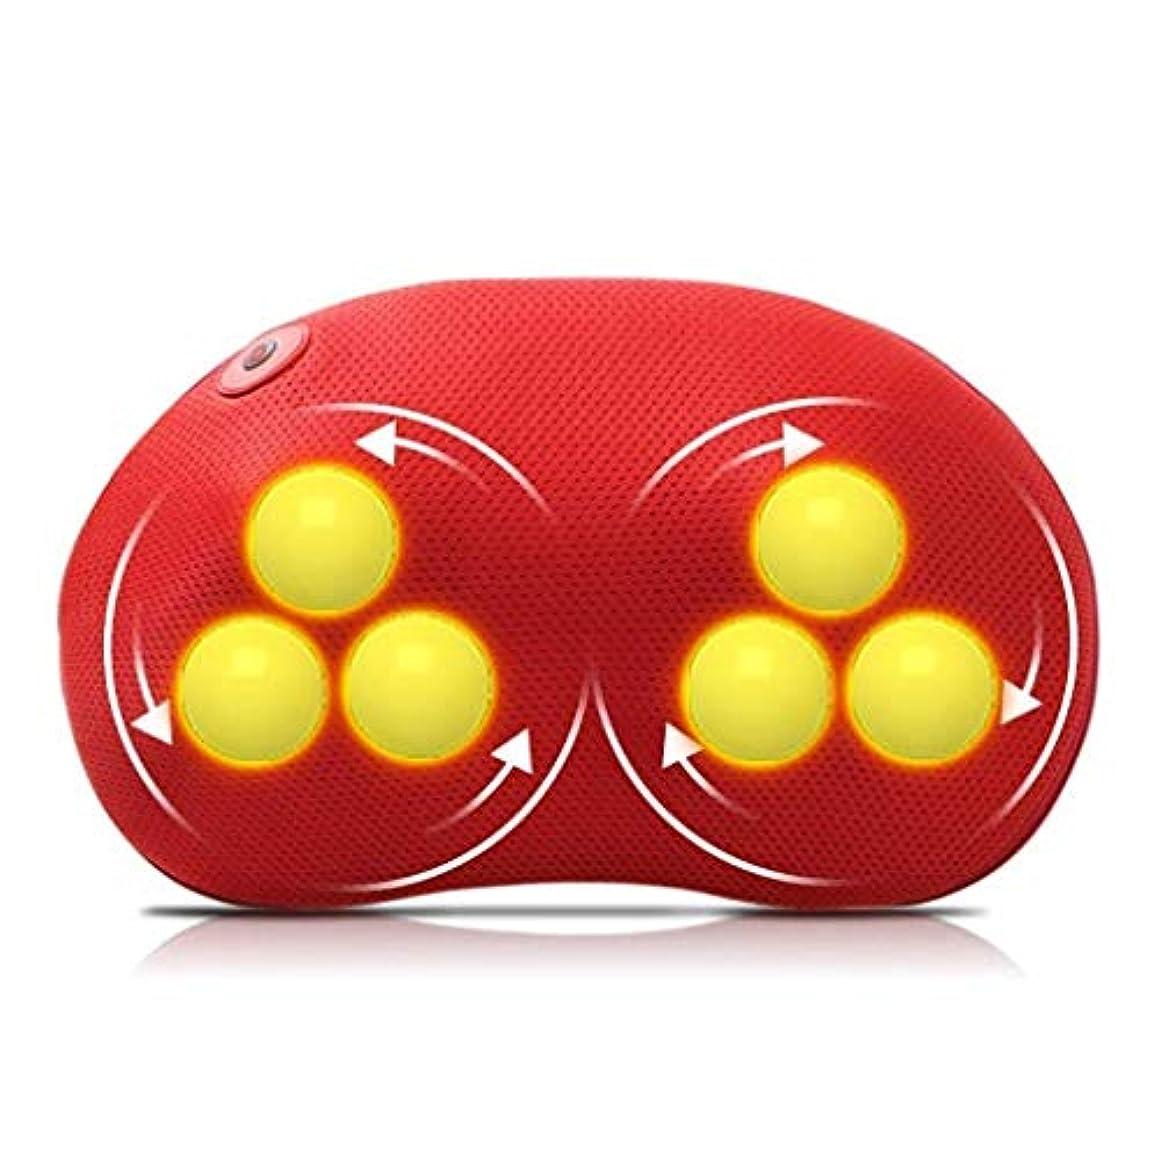 ジェット信じるメンテナンスネックマッサージャー、フィンガープレスネックとバックマッサージピロー、加熱/振動/調整可能な速度/ポータブルKみマッサージ、ストレス緩和/痛み